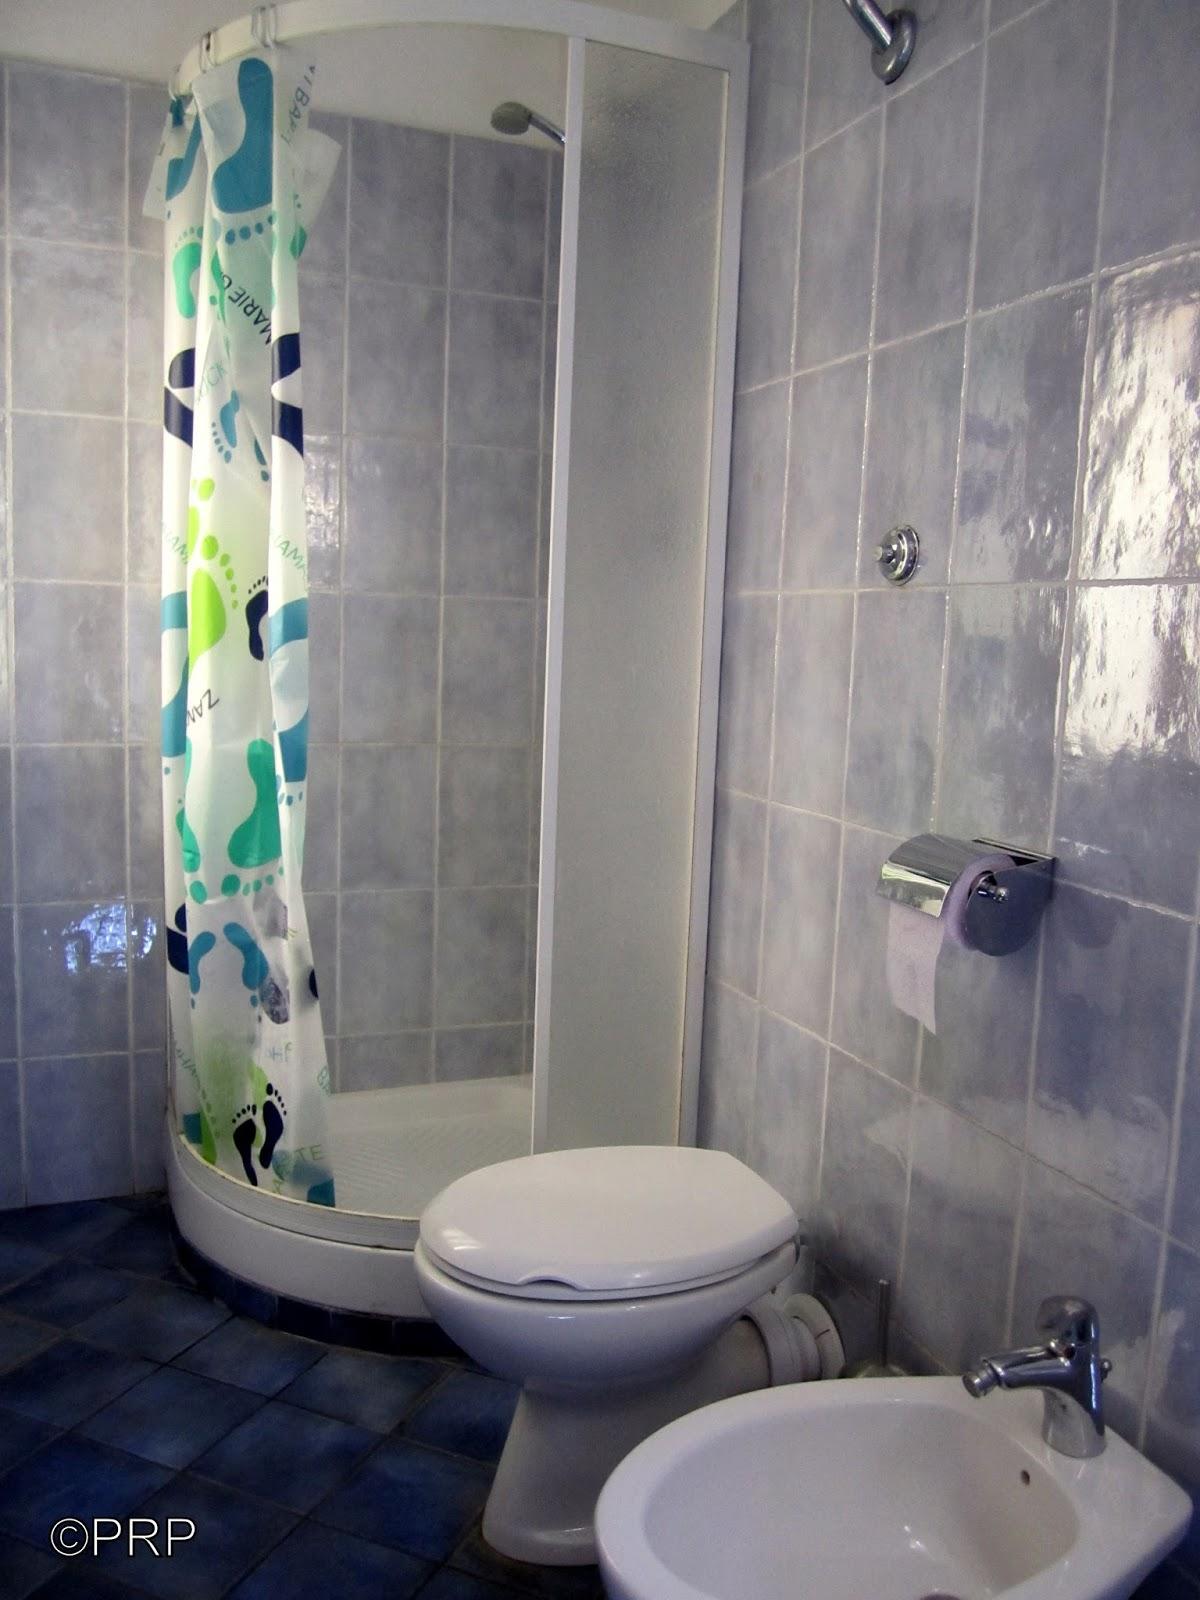 per quelli che hanno bisogno di spazio e intimit la camera doppia uso singolo pu usufruire delluso del bagno privato o uso in comune